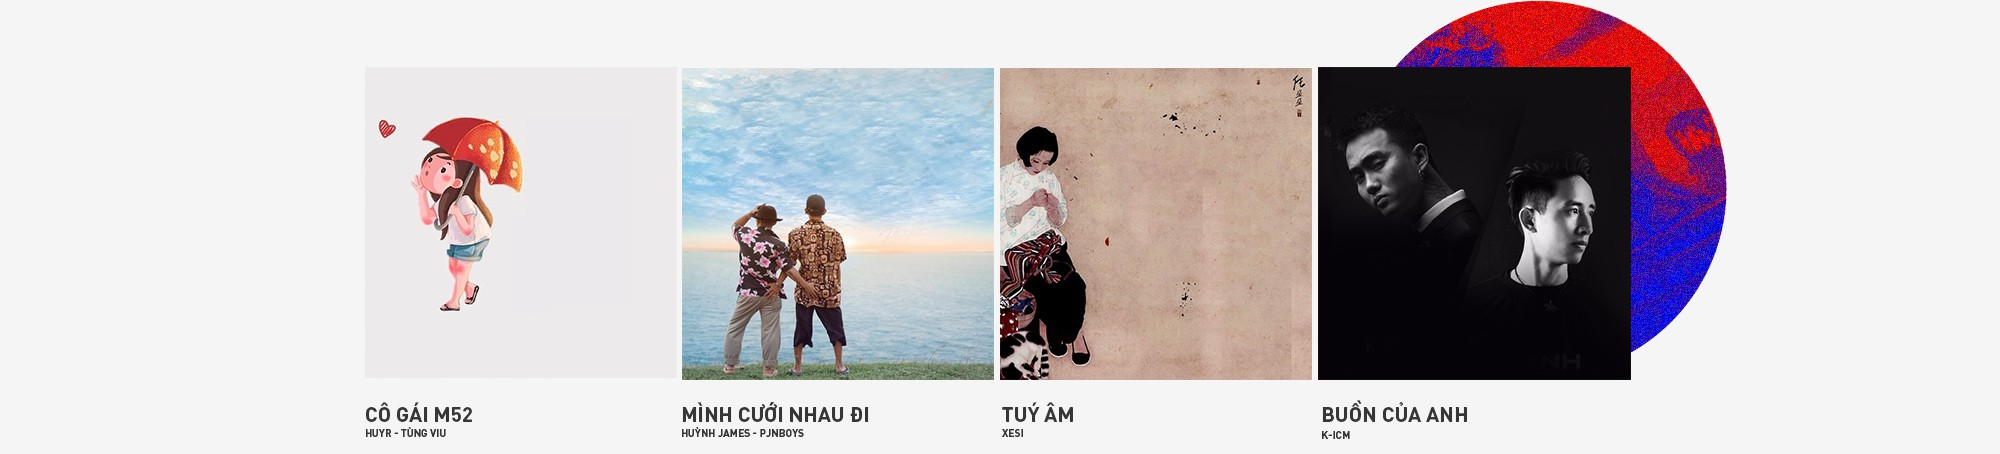 Đại chiến nhạc Việt hay Tháng 5 rực rỡ của V-Pop: Chưa bao giờ, khán giả được chiều chuộng với nhiều sản phẩm văn minh và chất lượng đến vậy! - Ảnh 2.